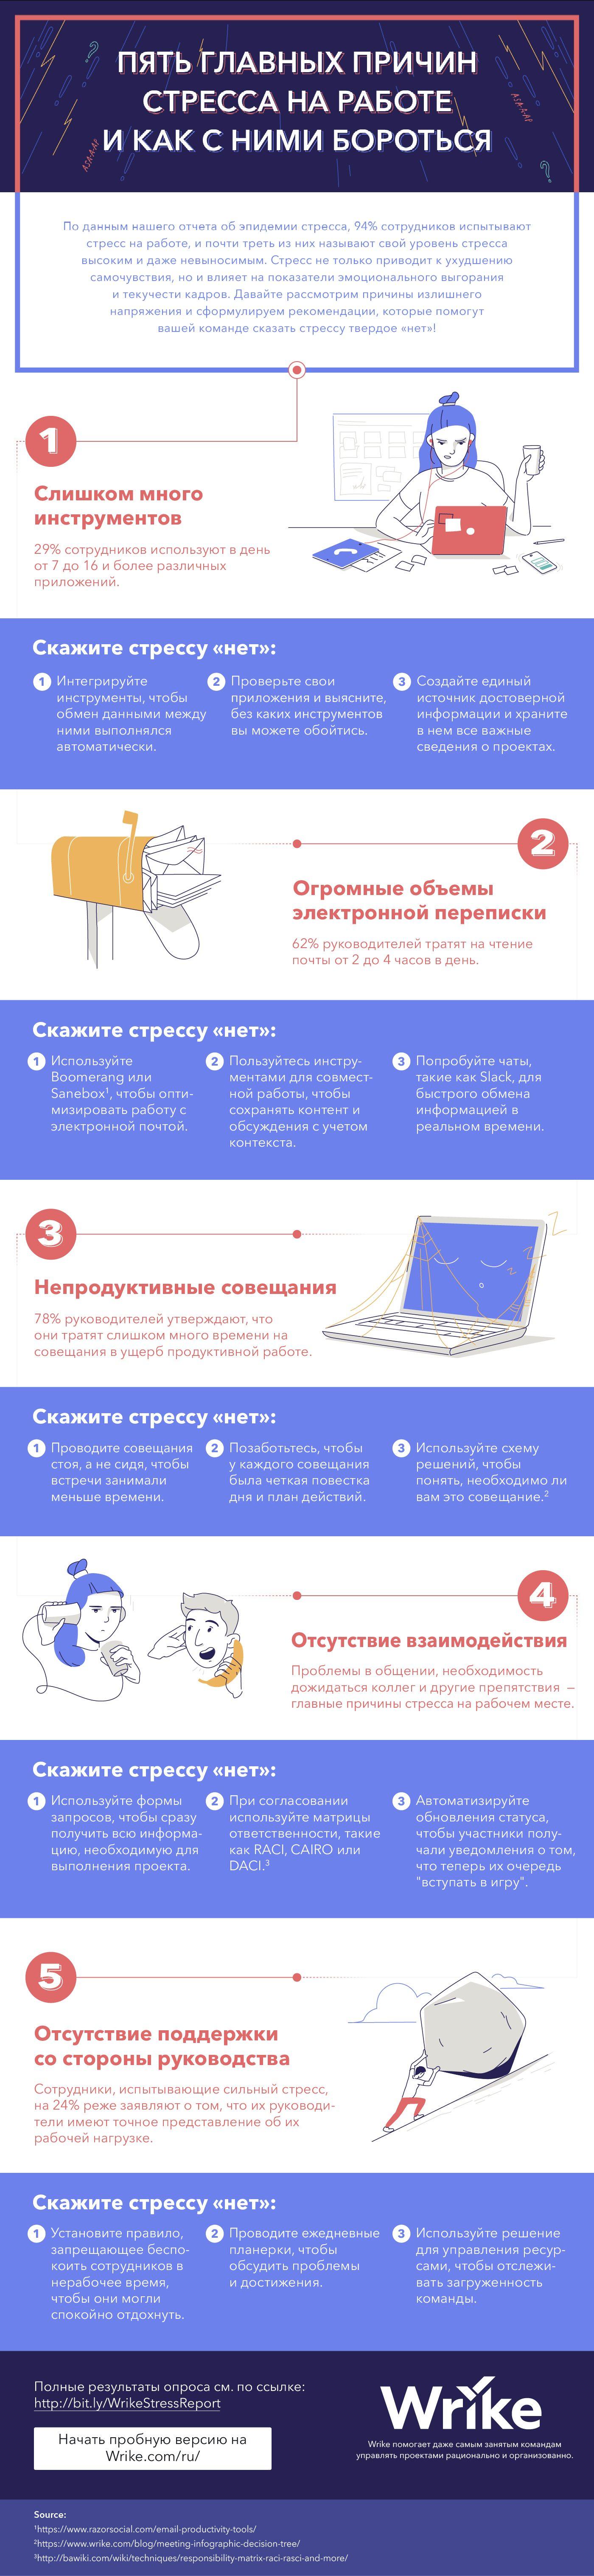 Инфографика о стрессе на работе